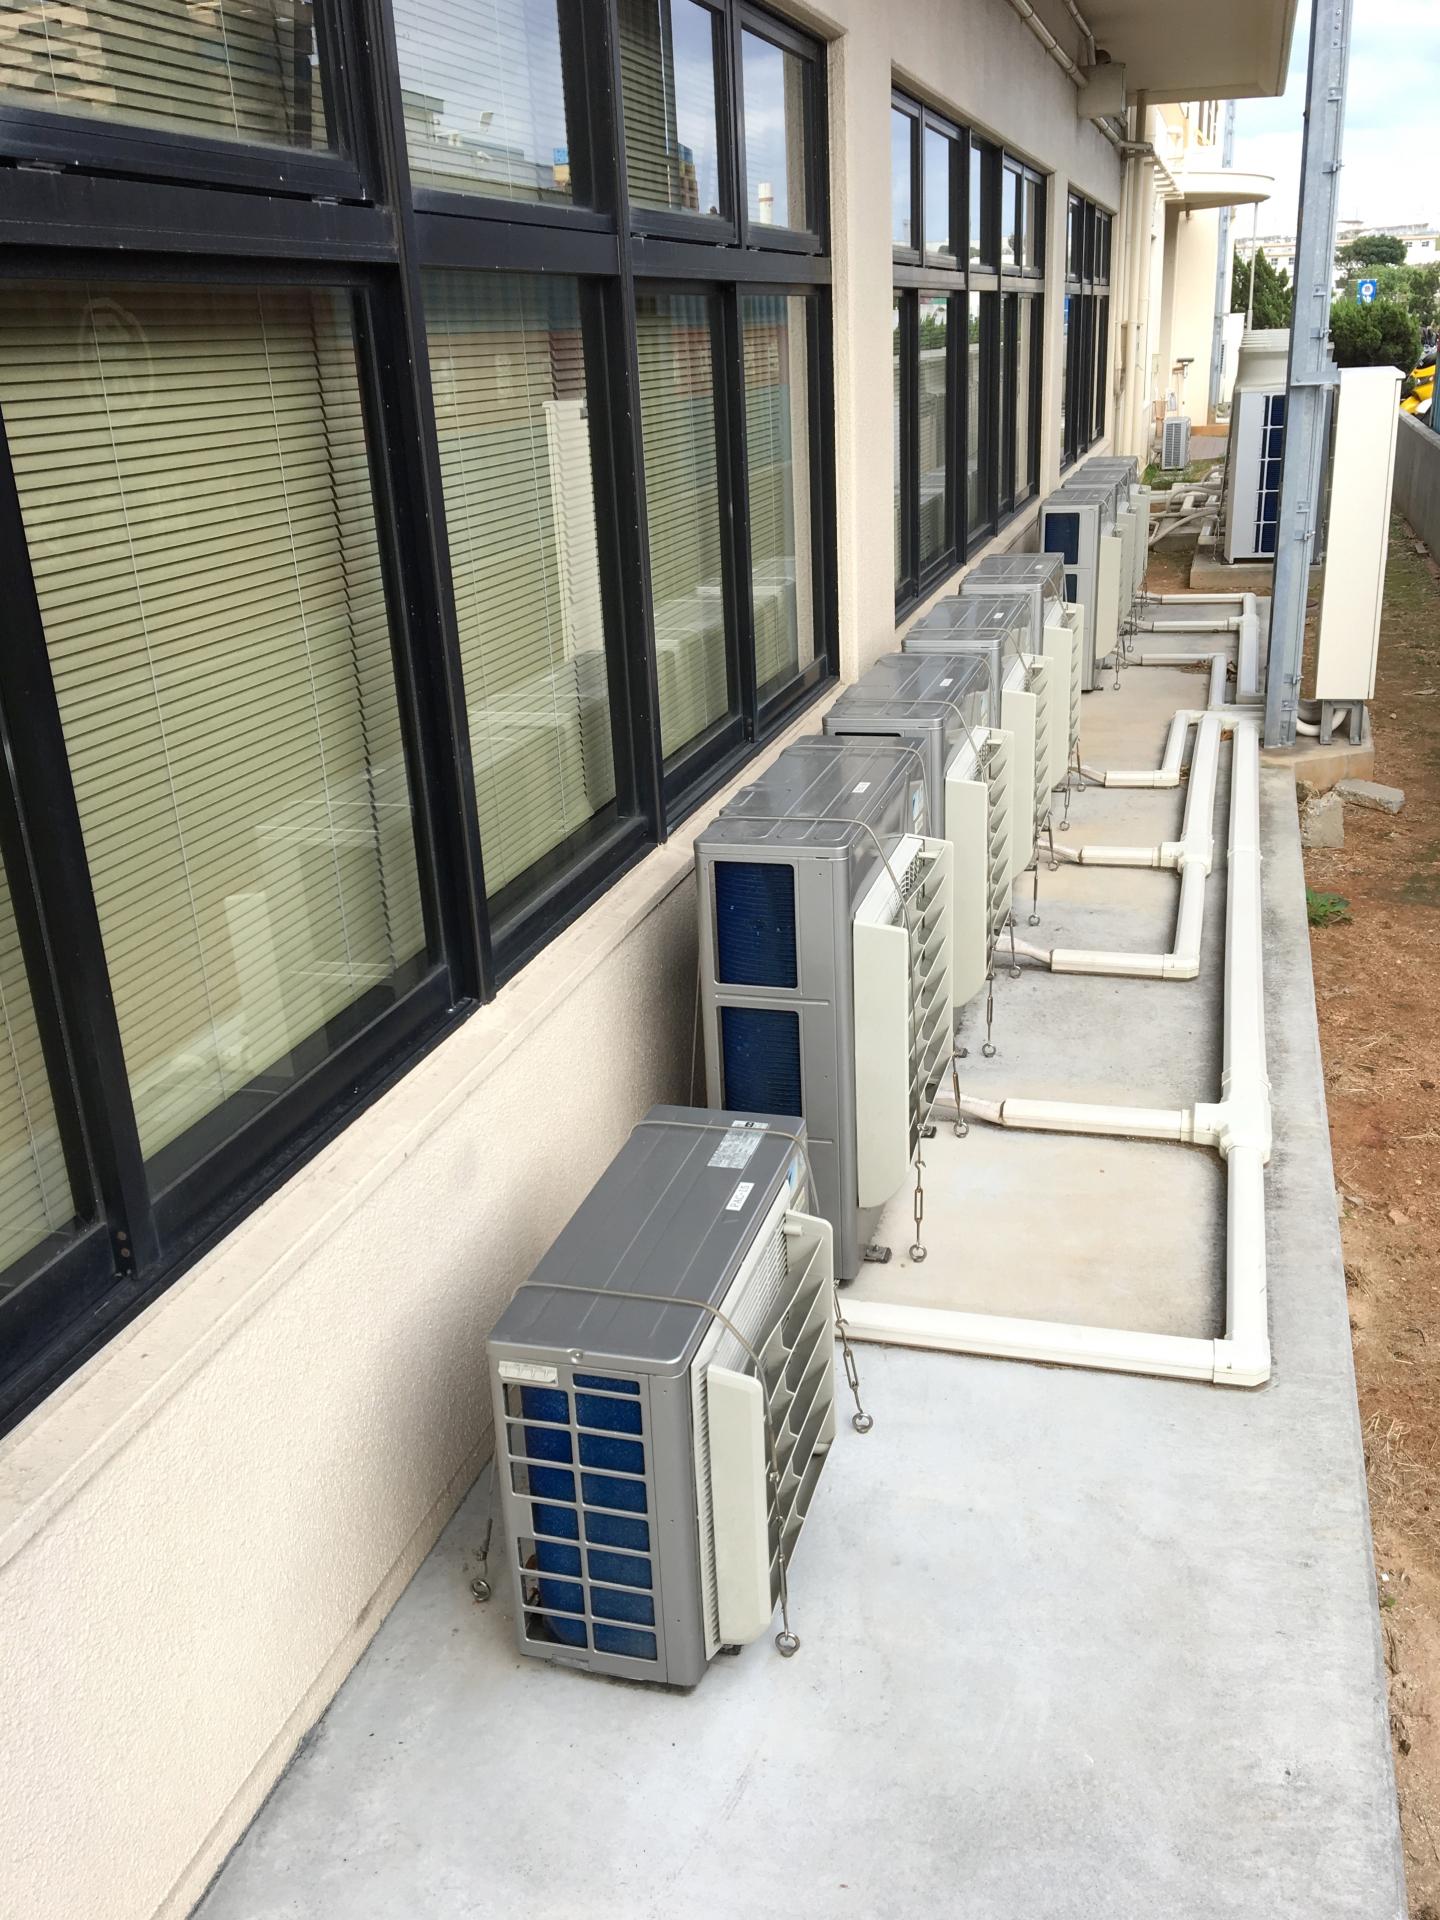 学校のエアコンの設定温度はどのくらい?設置理由について